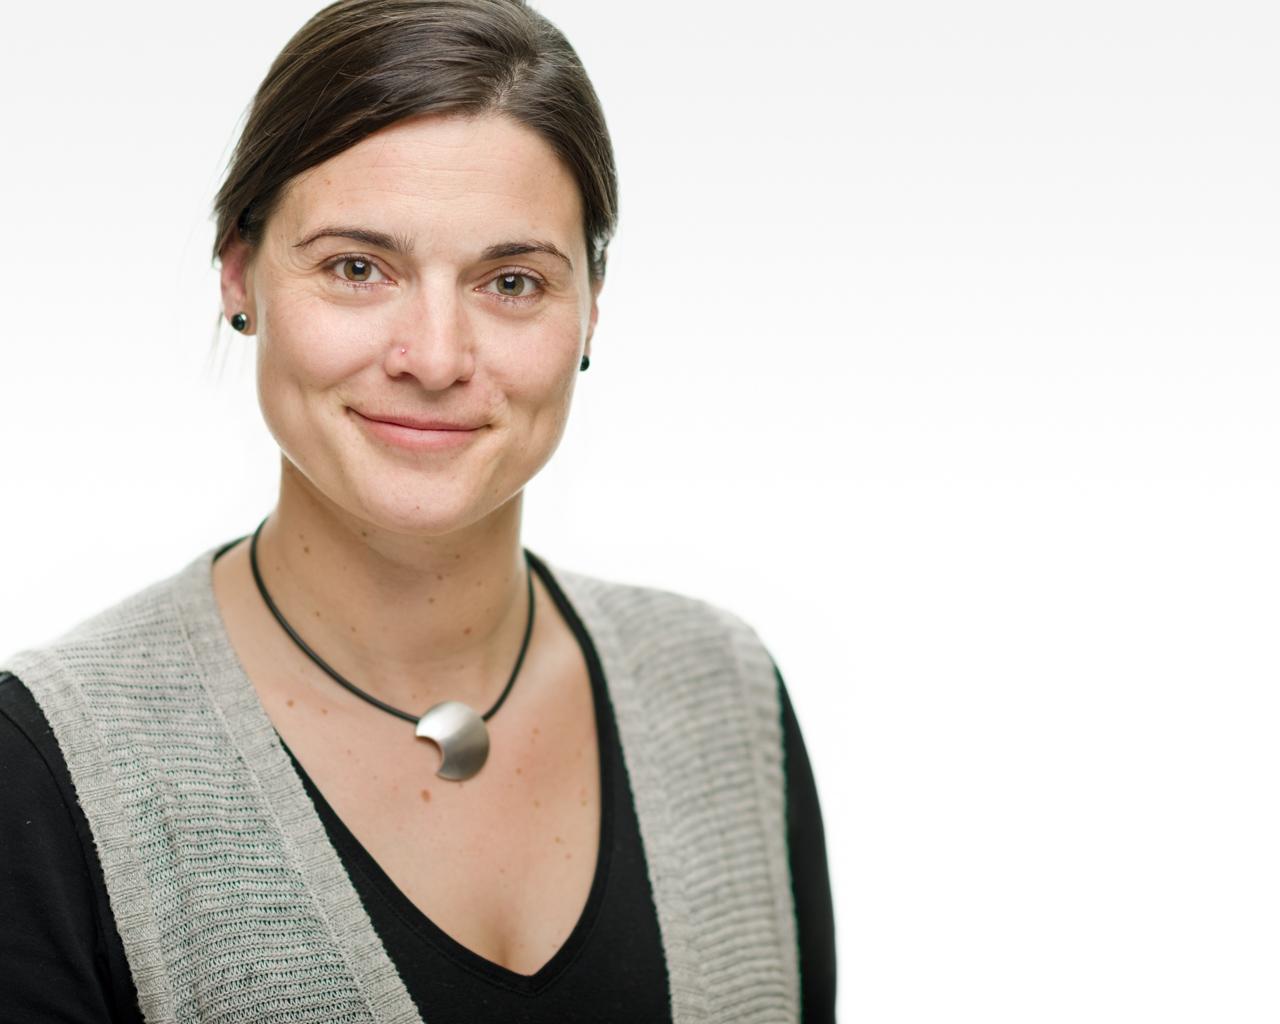 Melanie Queck AWO Portrait